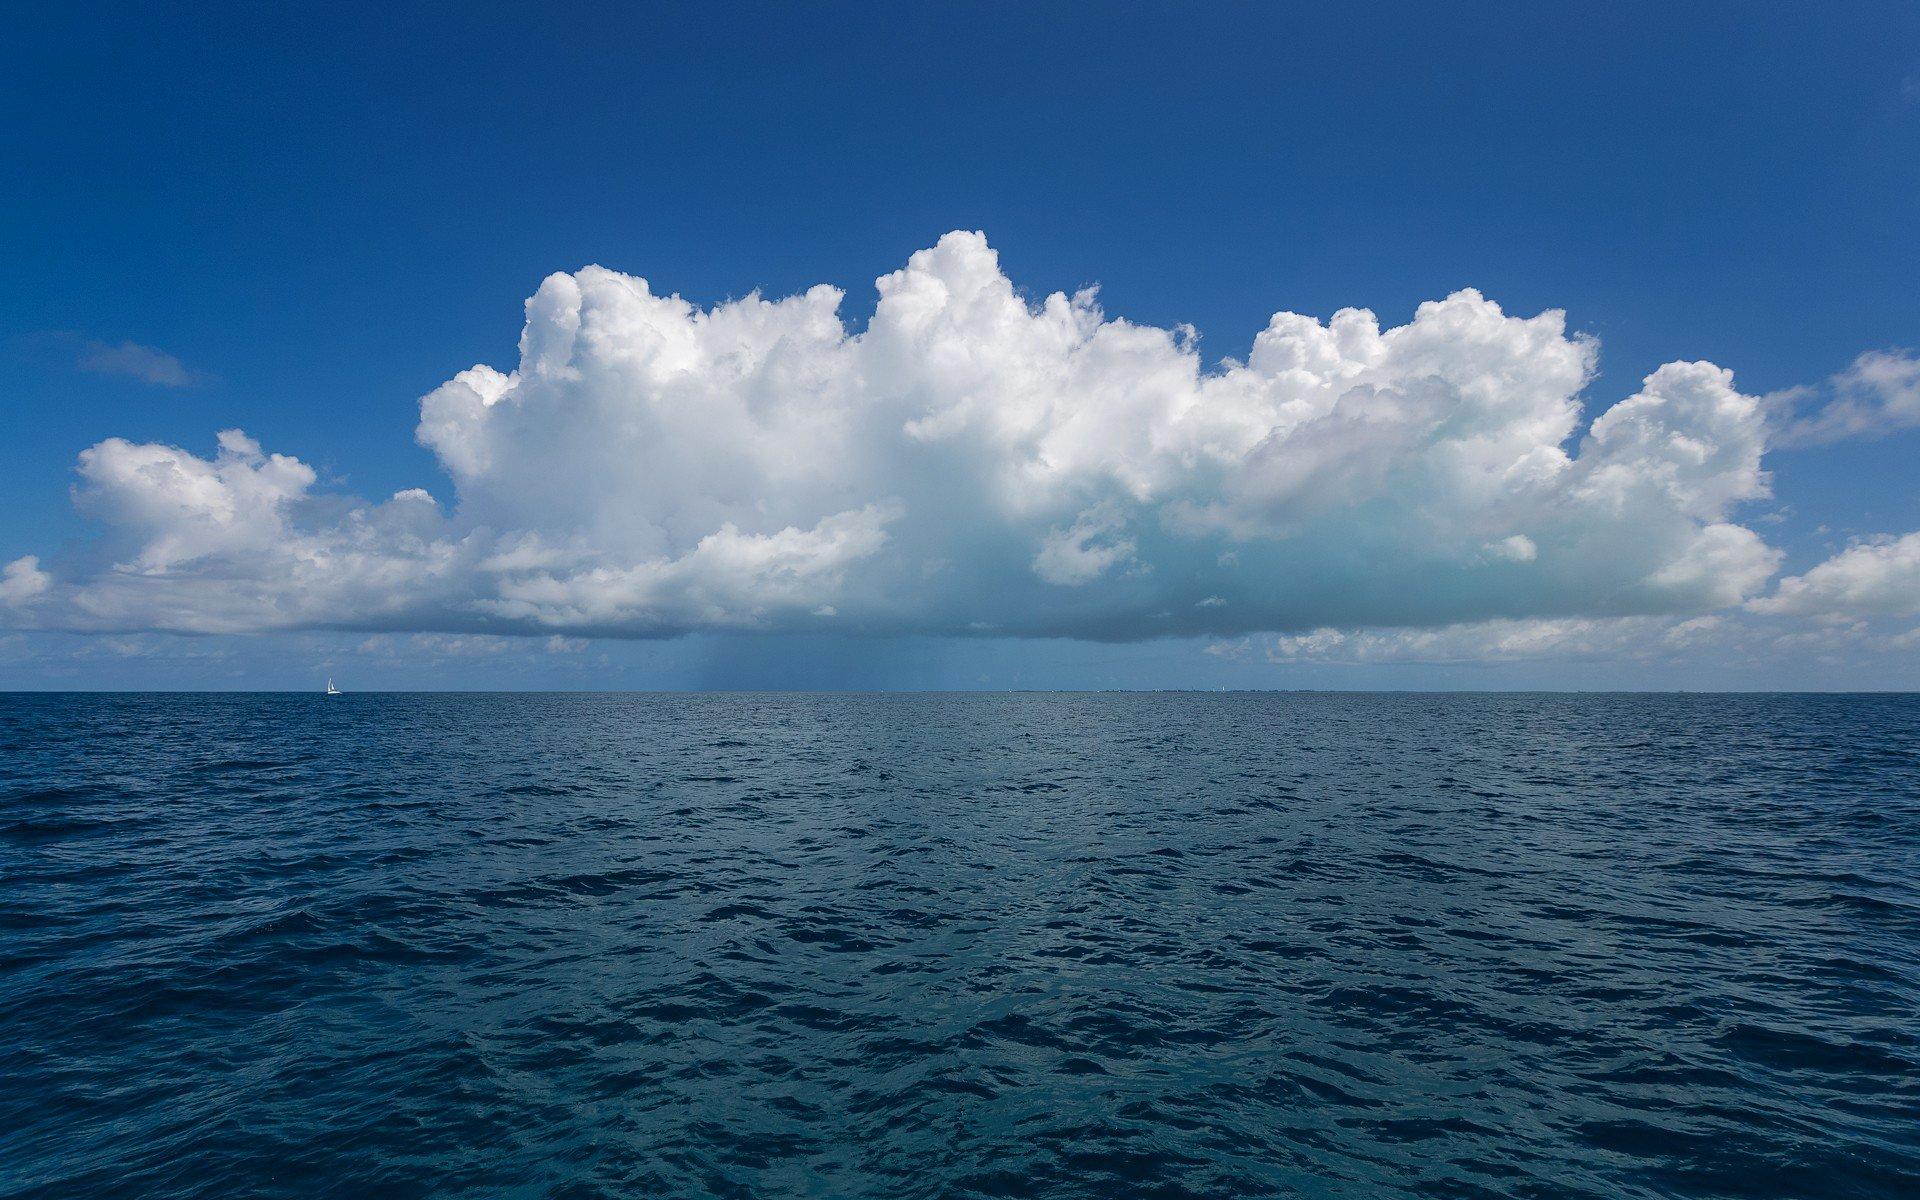 Горизонт над морем  № 274275 бесплатно